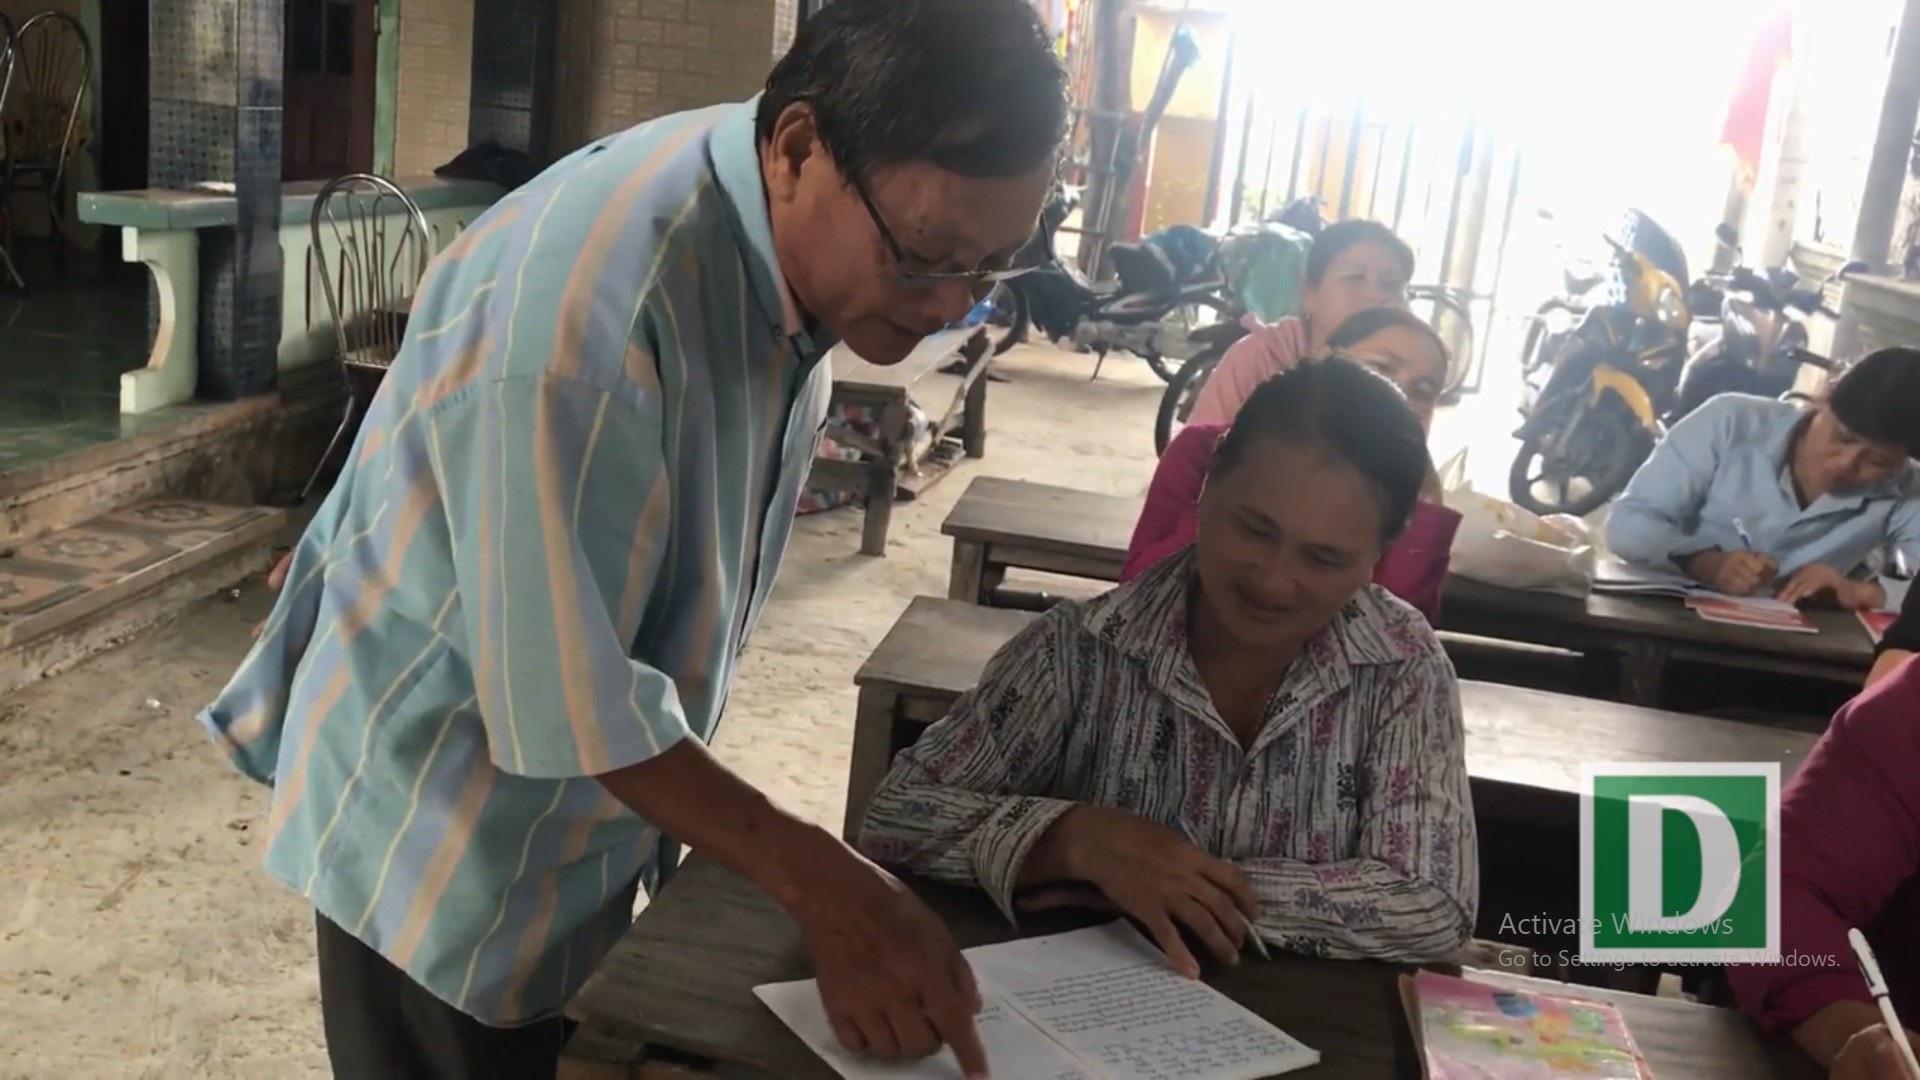 """Người thầy U80 """"chở chữ"""" miễn phí cho người dân sông nước Phú Vang - Ảnh 6."""